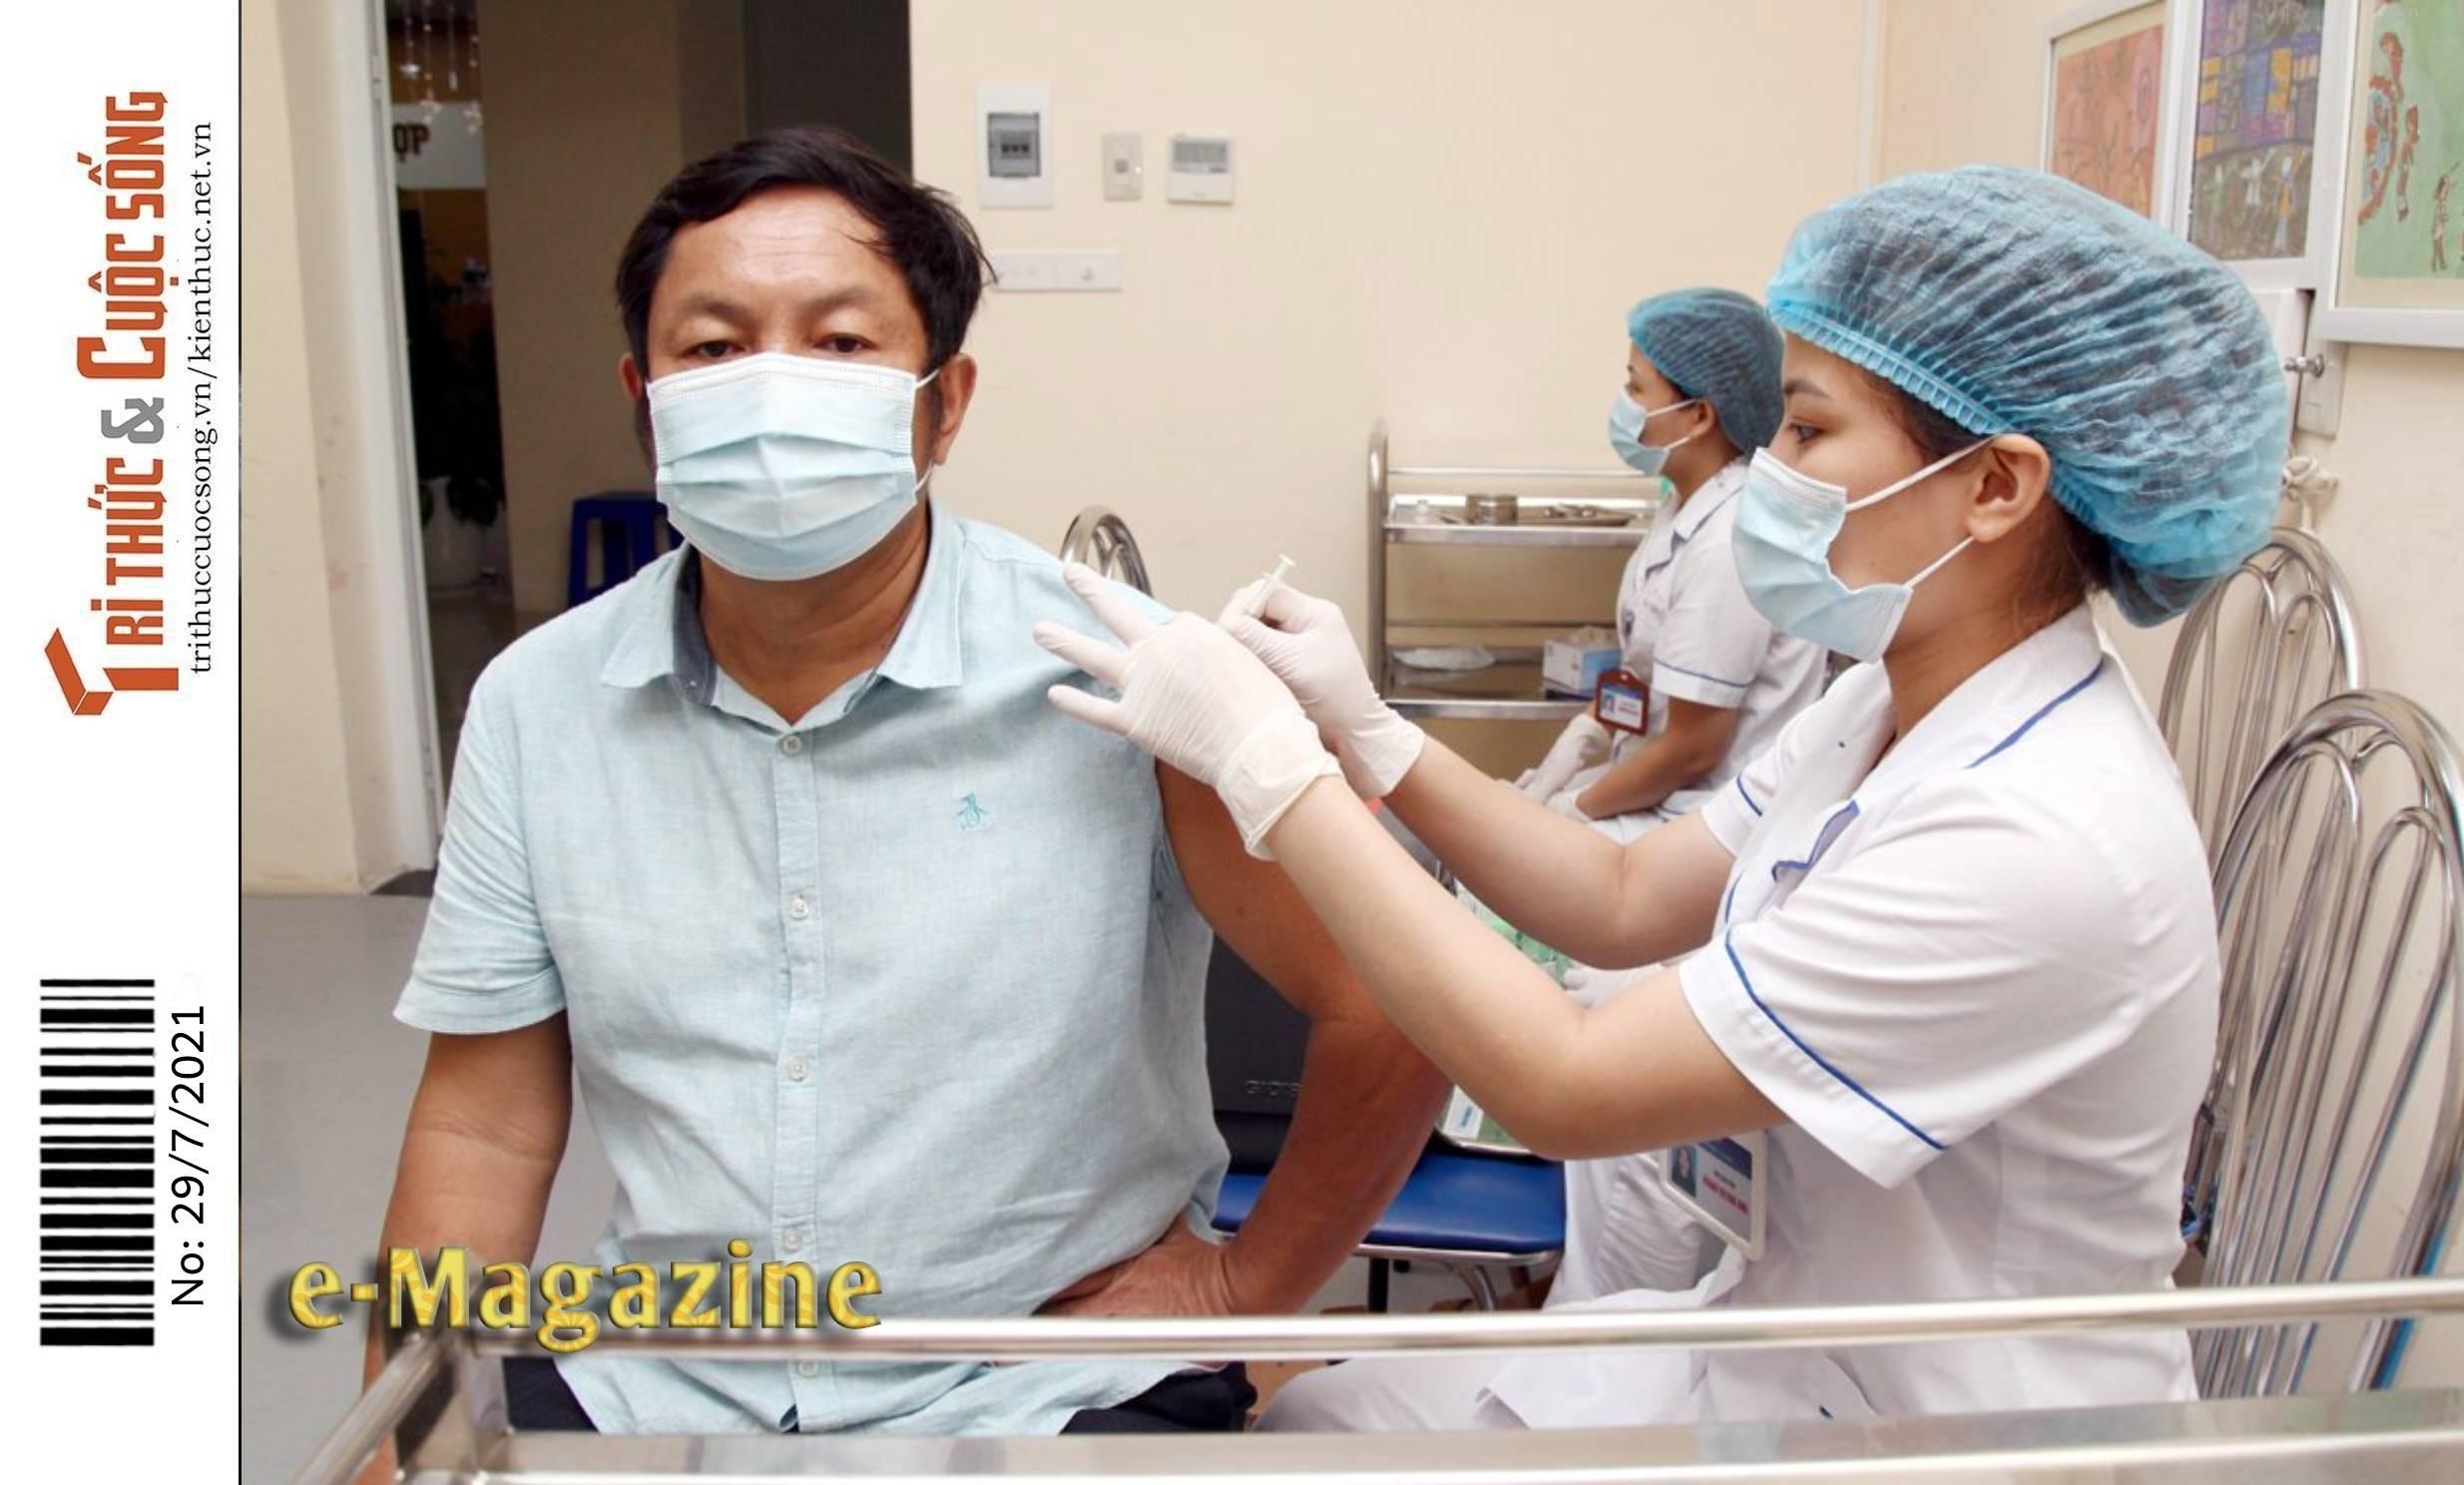 e-Magazine: Chích ngừa chậm… sao không để bệnh viện tư đạt chuẩn tiêm vắc xin COVID-19?